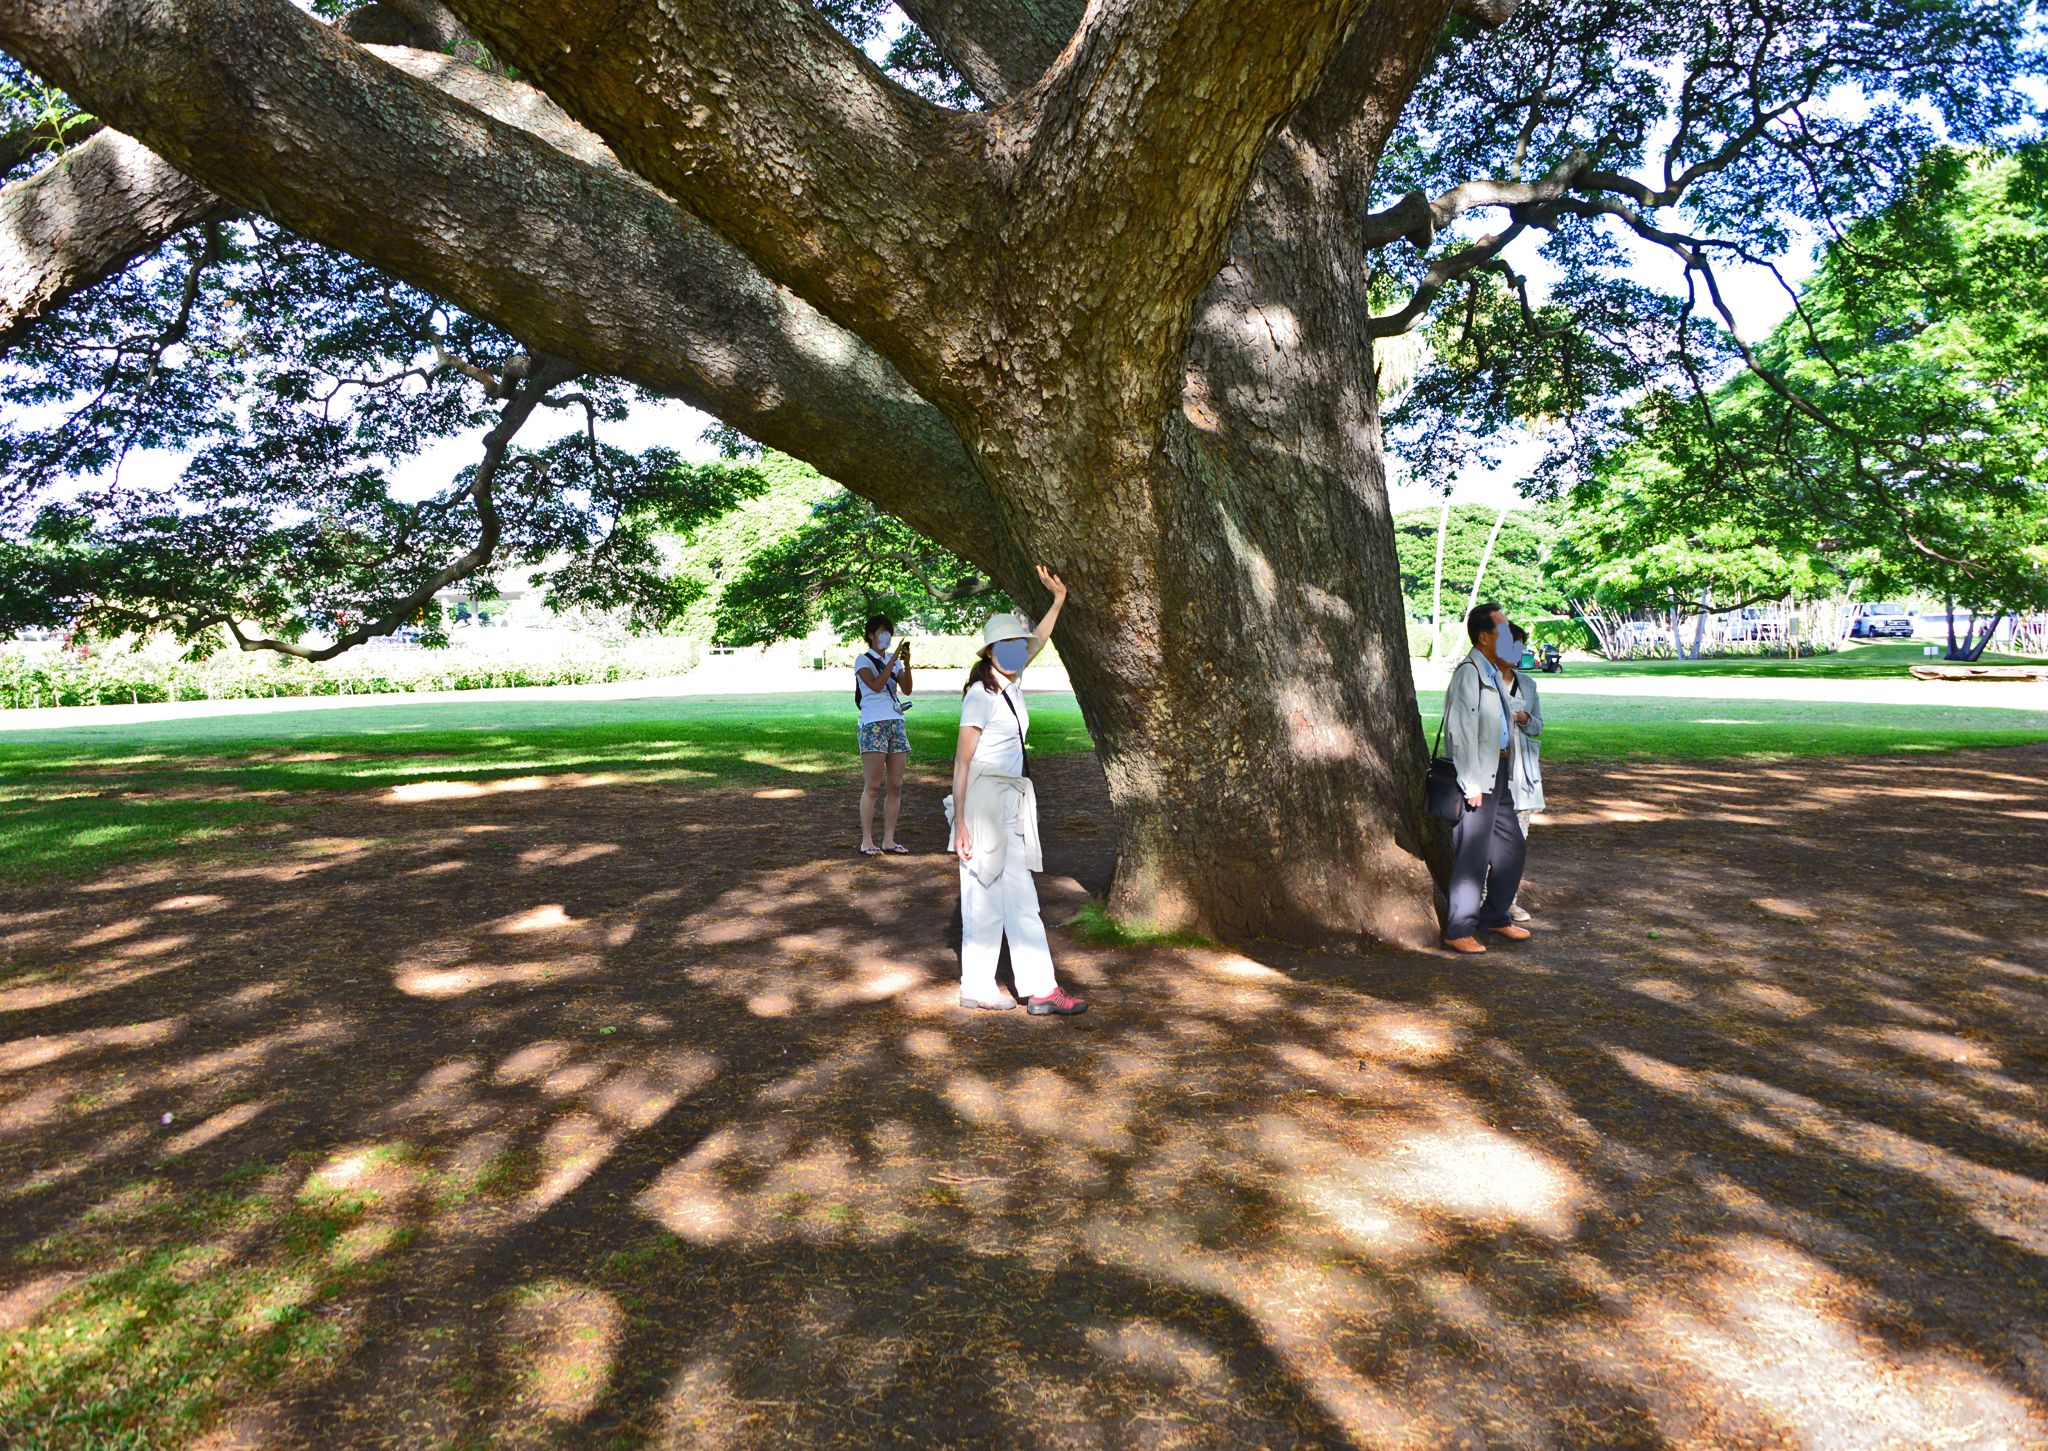 ⇑ こんなに太く大きな木でした。因みにハワイでは極普通にある木でした